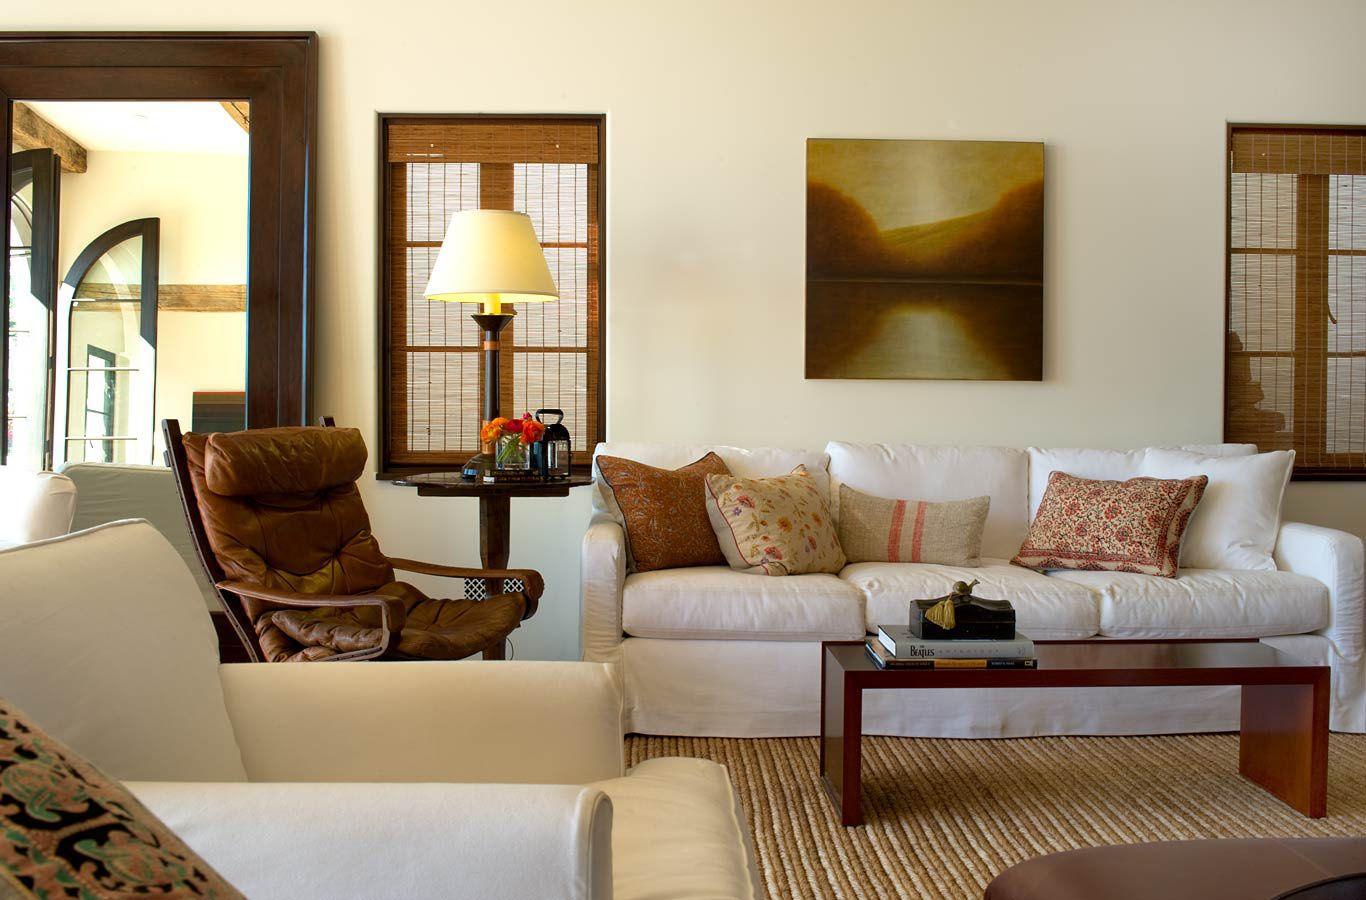 Spanish colonial beach house in santa monica interior - Santa monica interior design firms ...